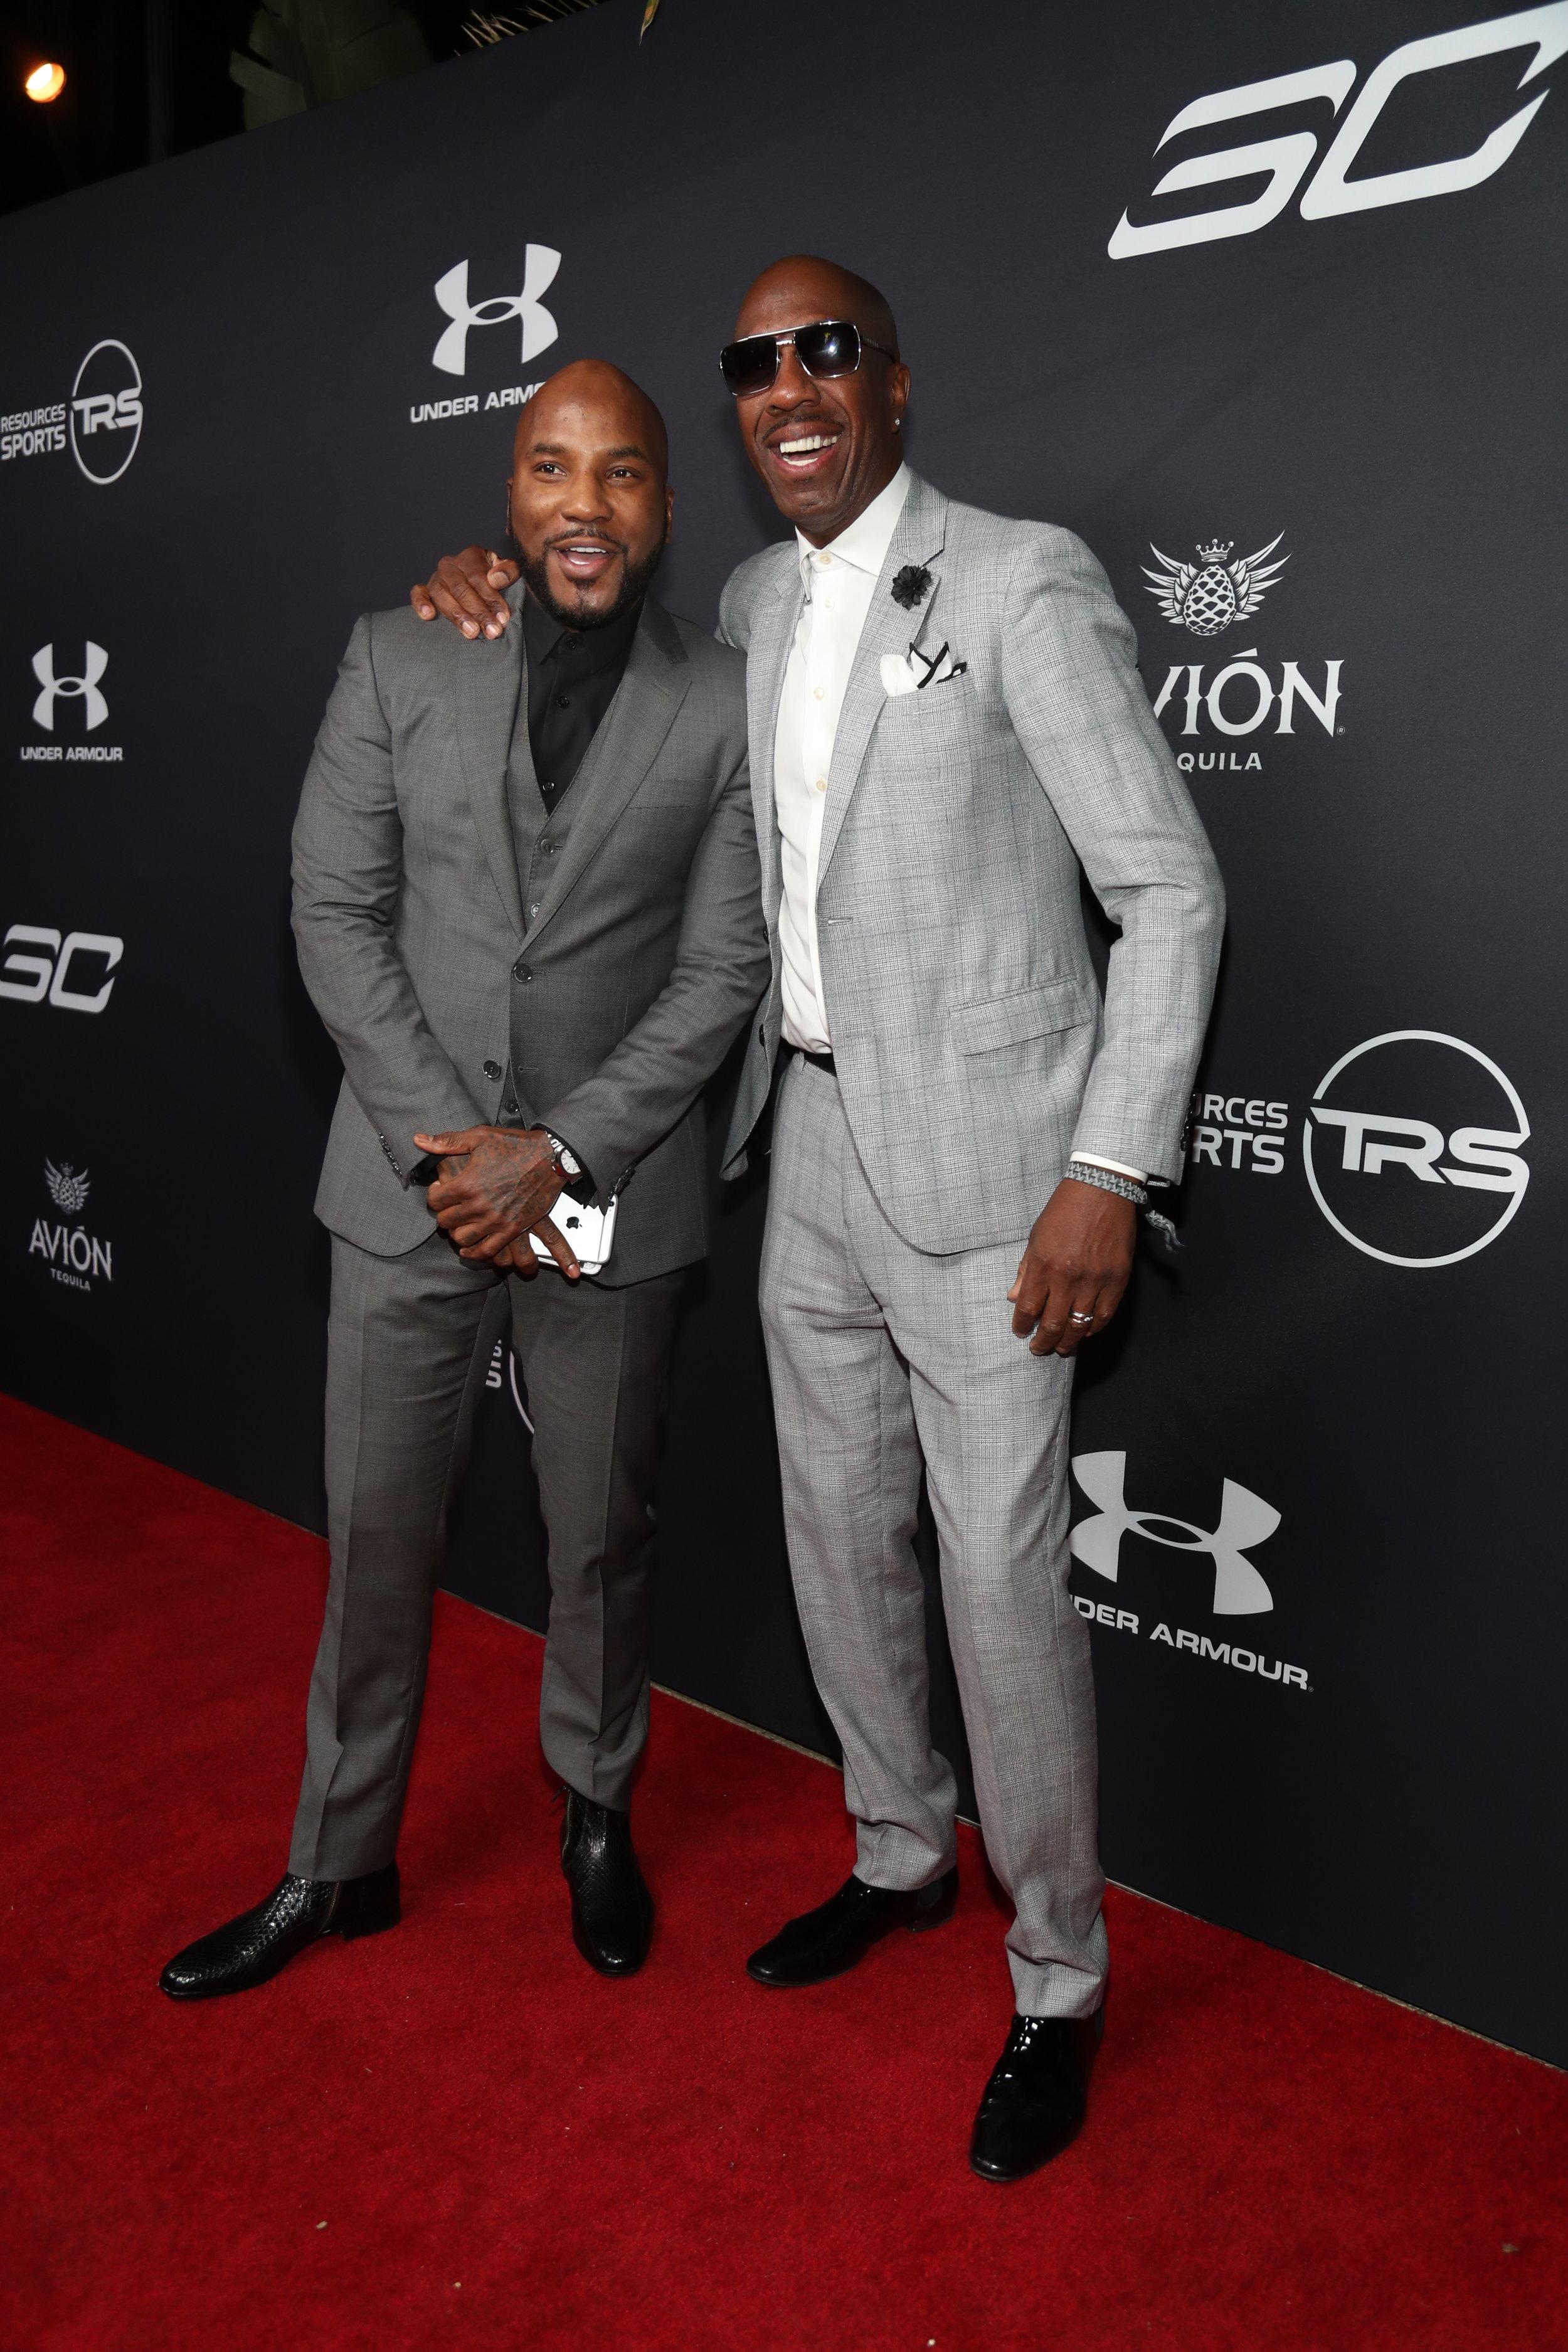 Jeezy & J.B. Smoove